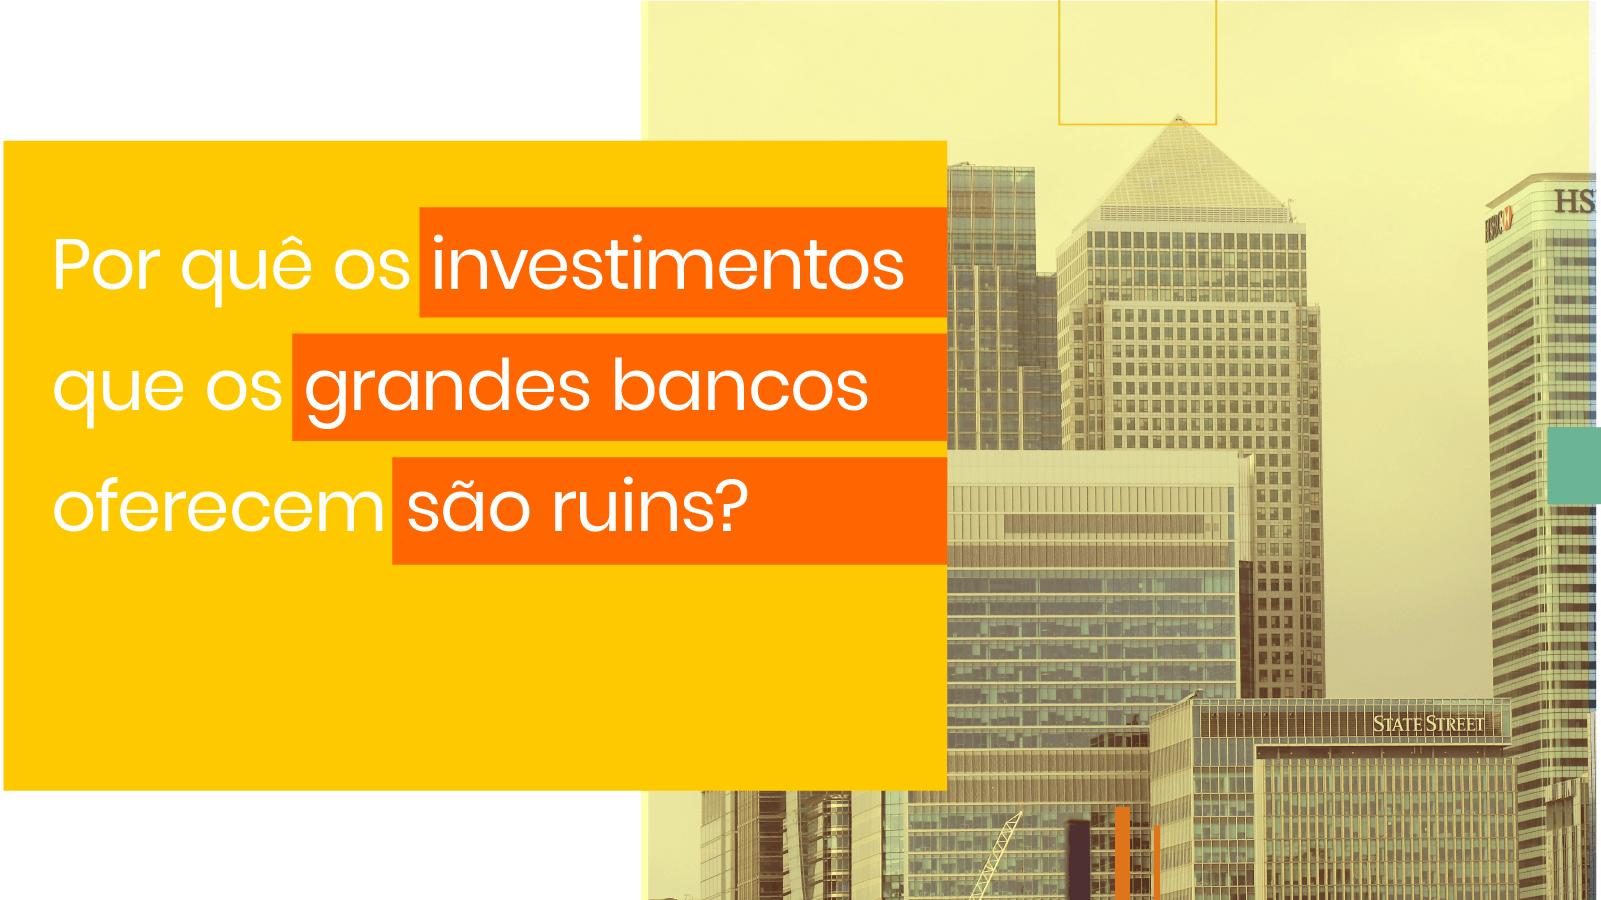 Por quê os investimentos que os bancos oferecem são ruins?